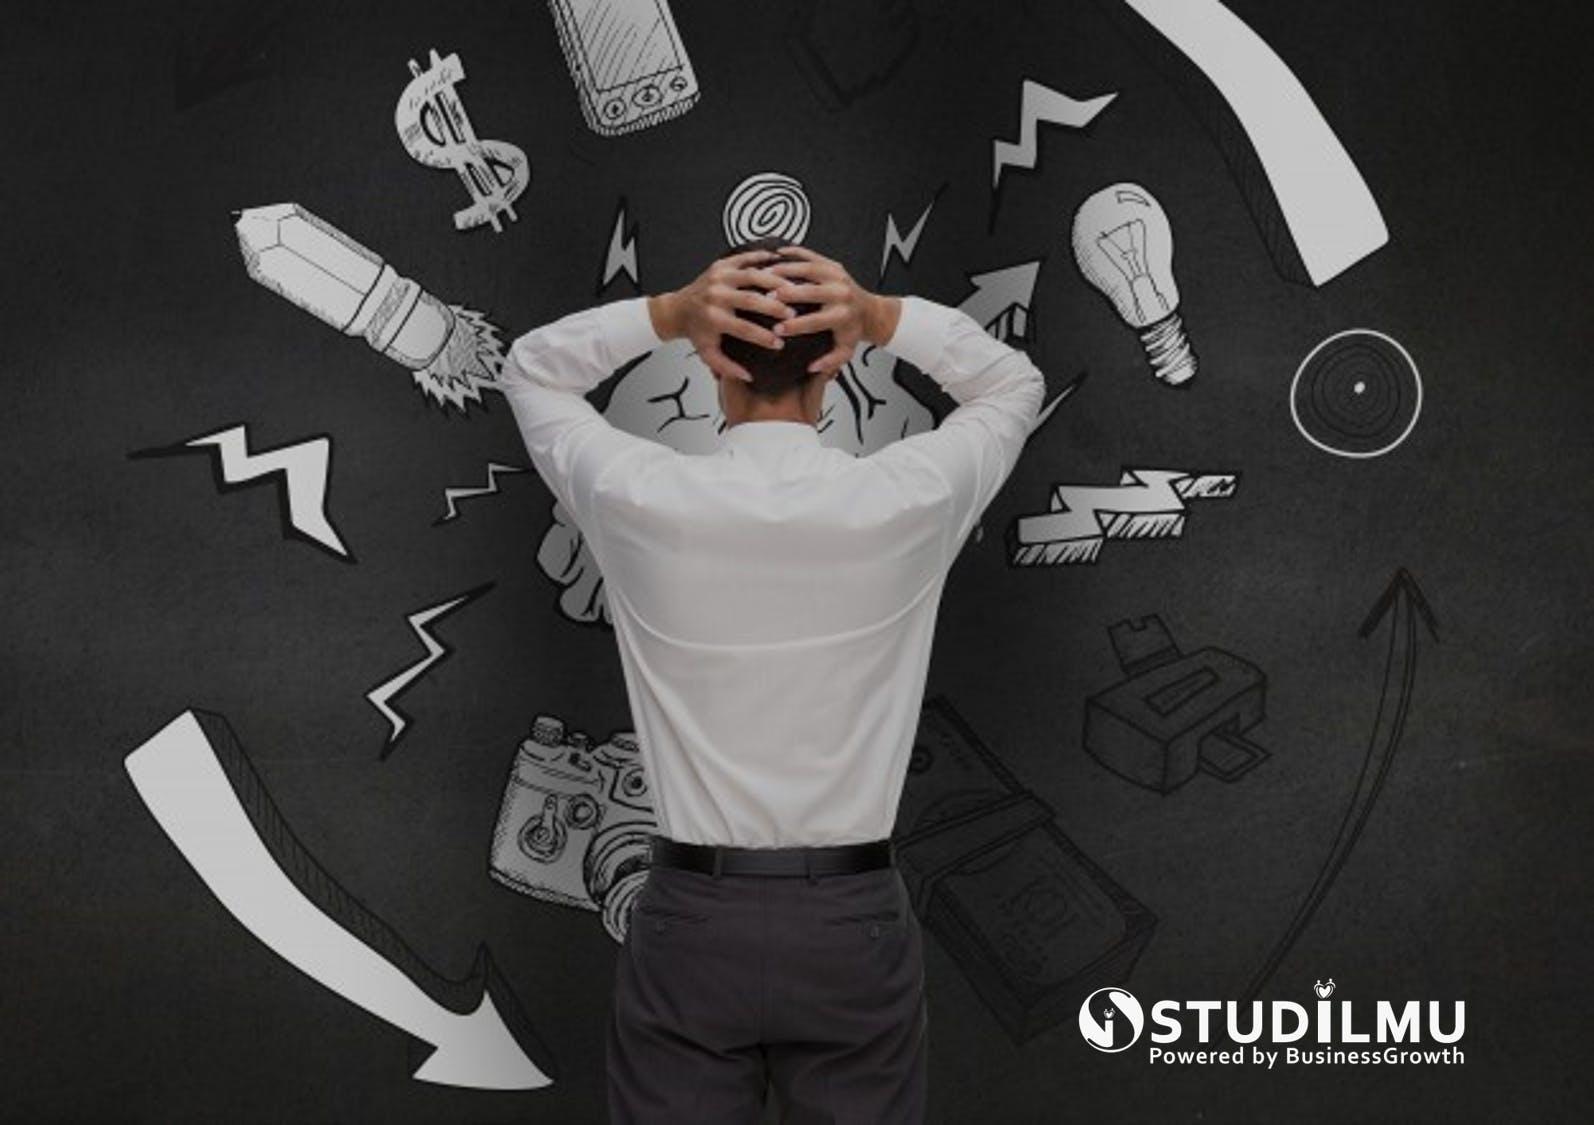 STUDILMU Career Advice - Cara Menghilangkan Stres Secara Sehat dan Tidak Sehat